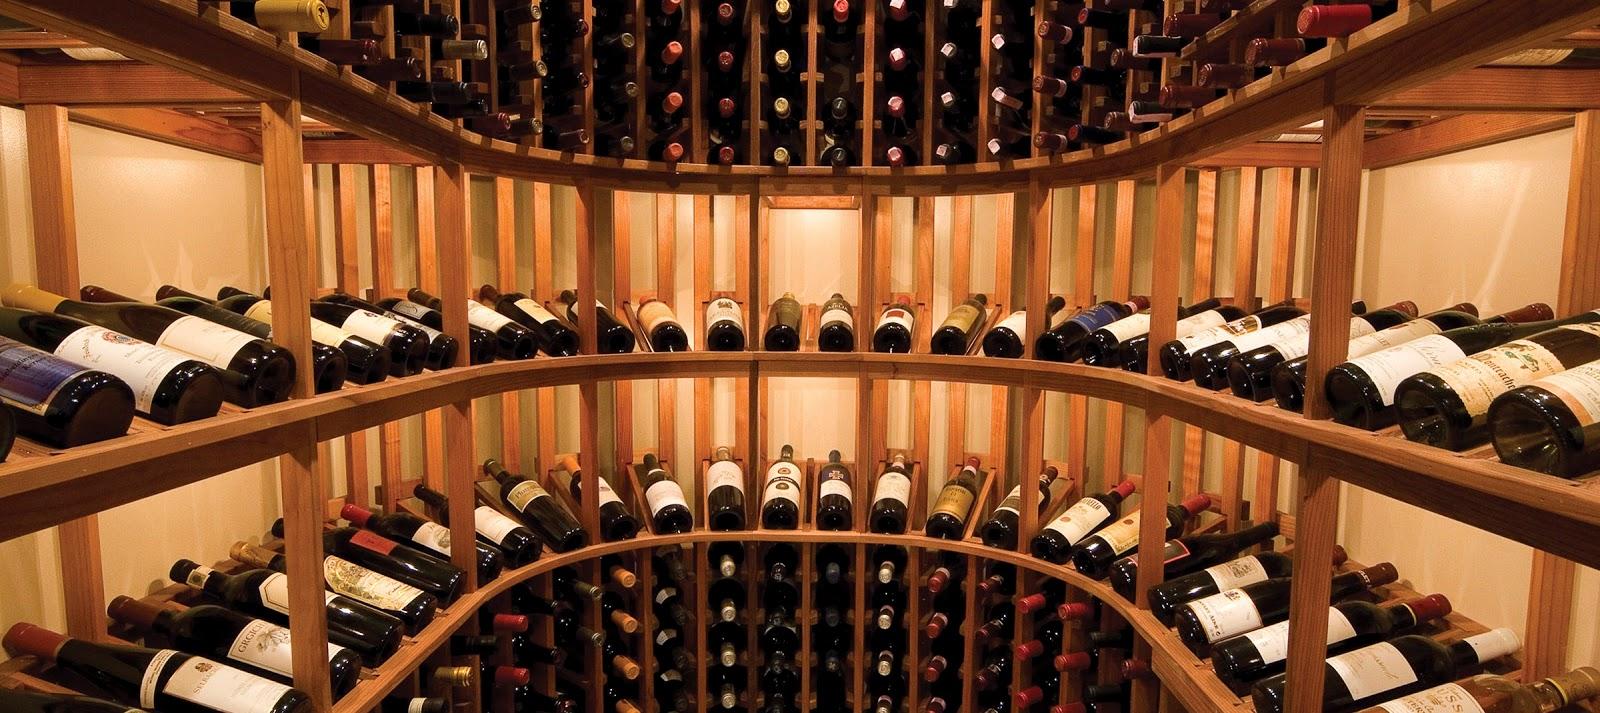 葡萄酒是極易受溫、濕度影響的產品,所以有好的貯藏環境才能品嚐到好的葡萄酒。